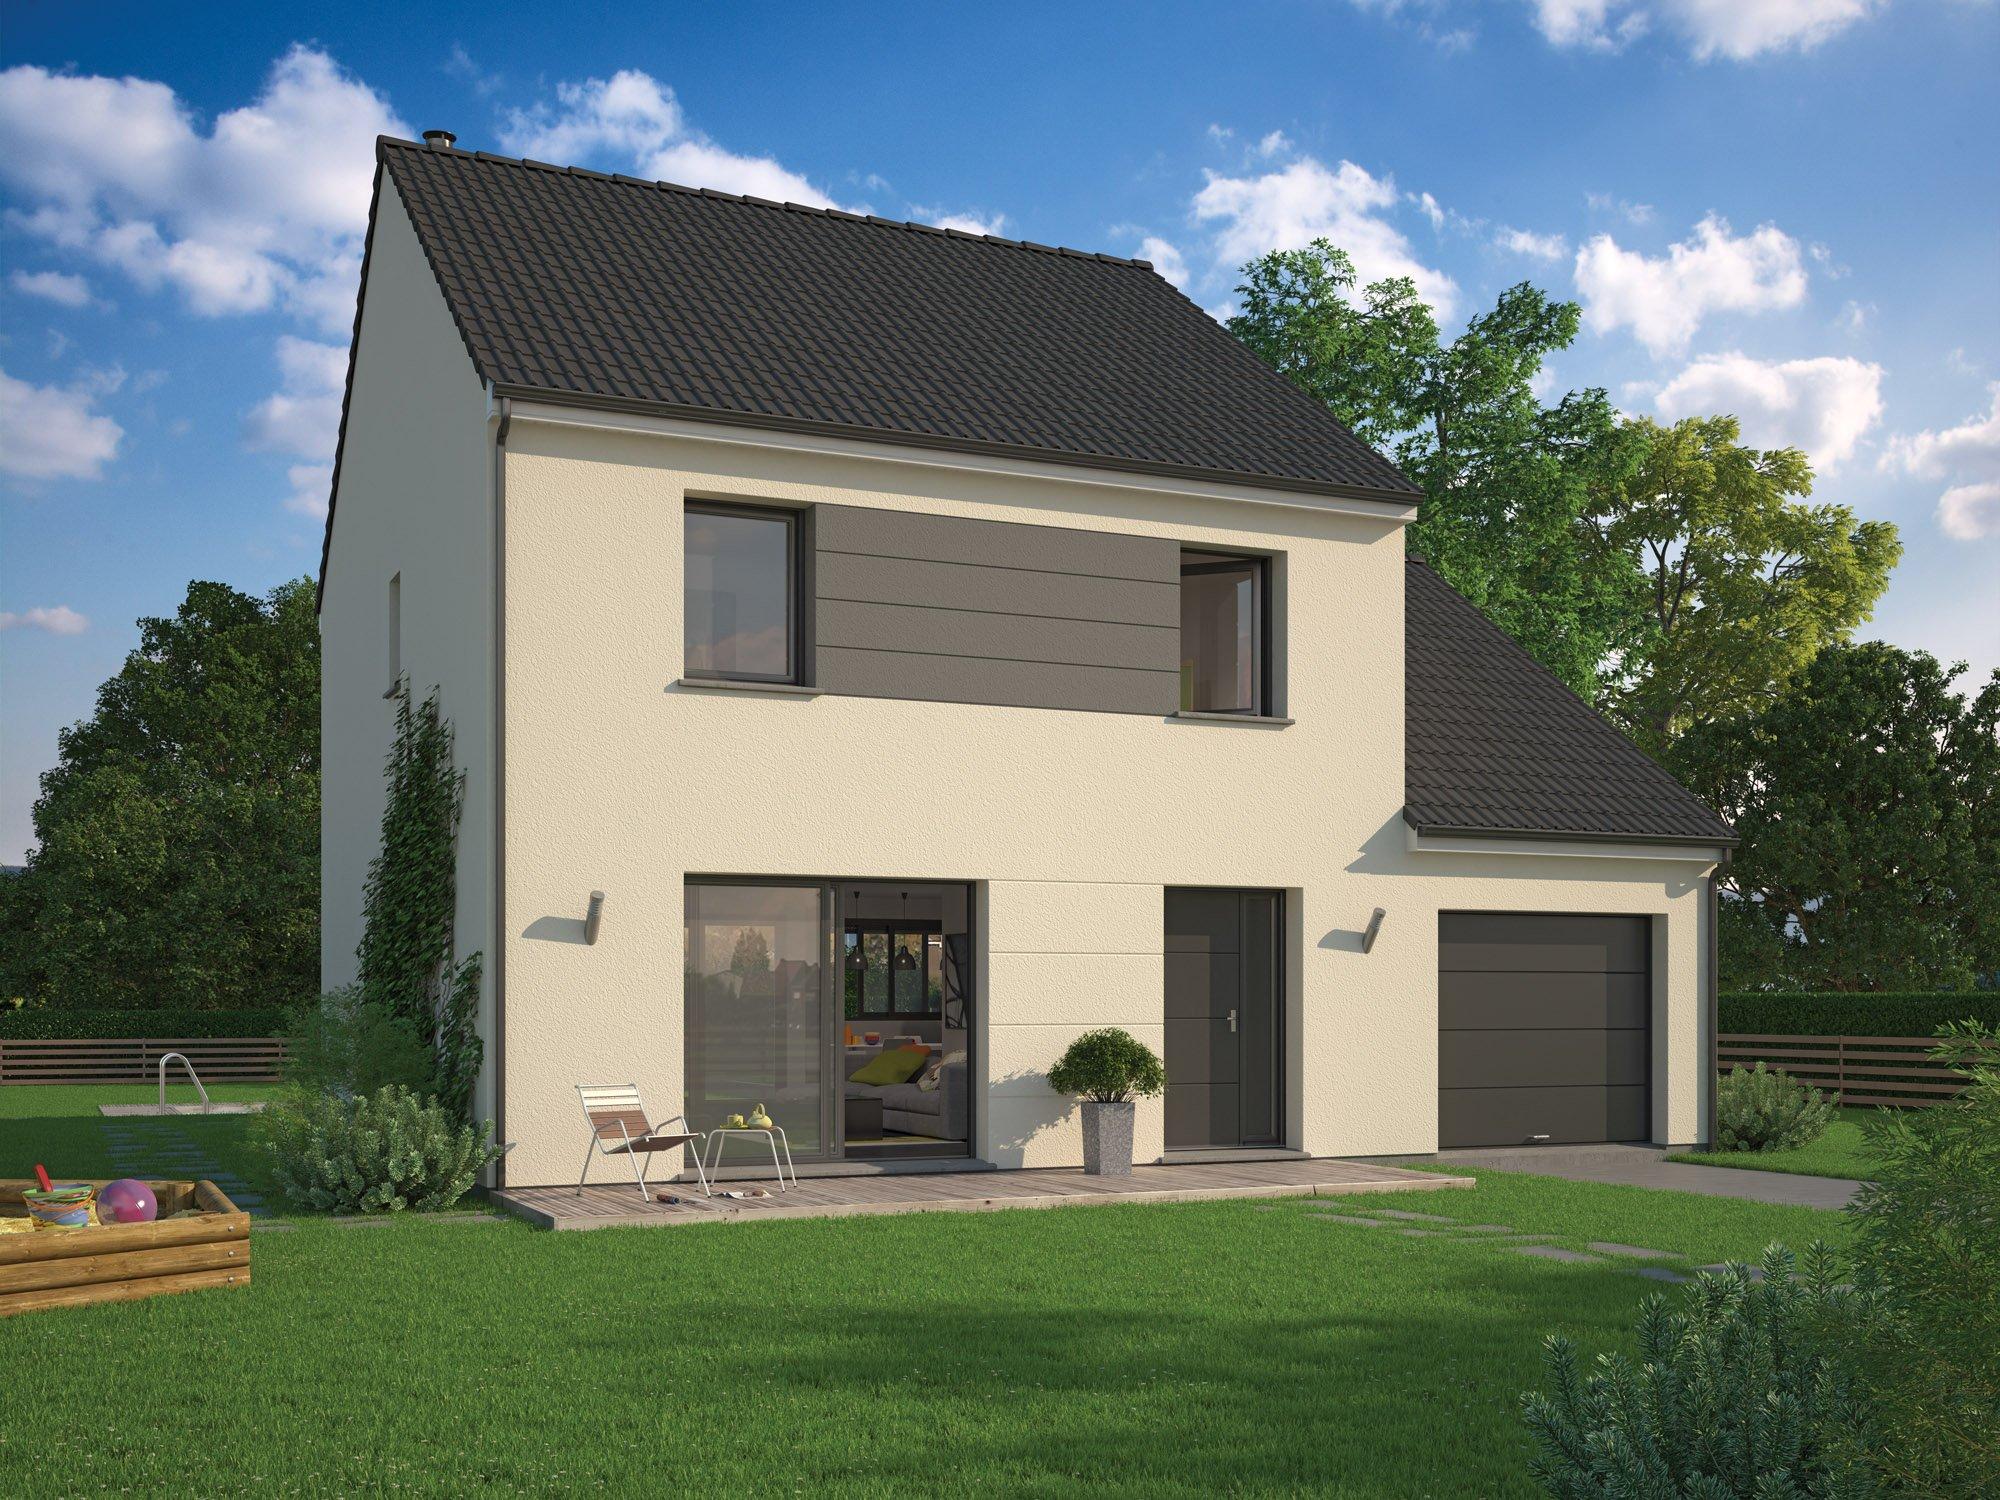 Maisons + Terrains du constructeur MAISON FAMILIALE • 128 m² • MARINES